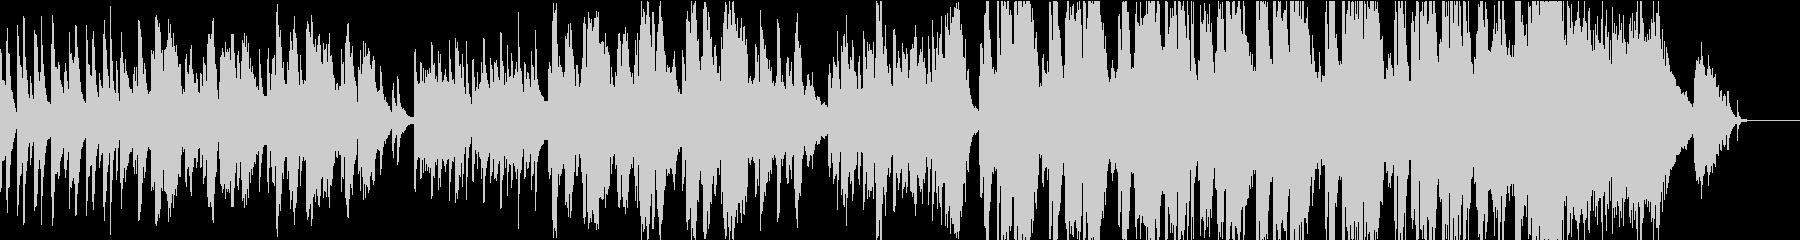 春止歌:ハープと弦の透明感・感動的・和風の未再生の波形